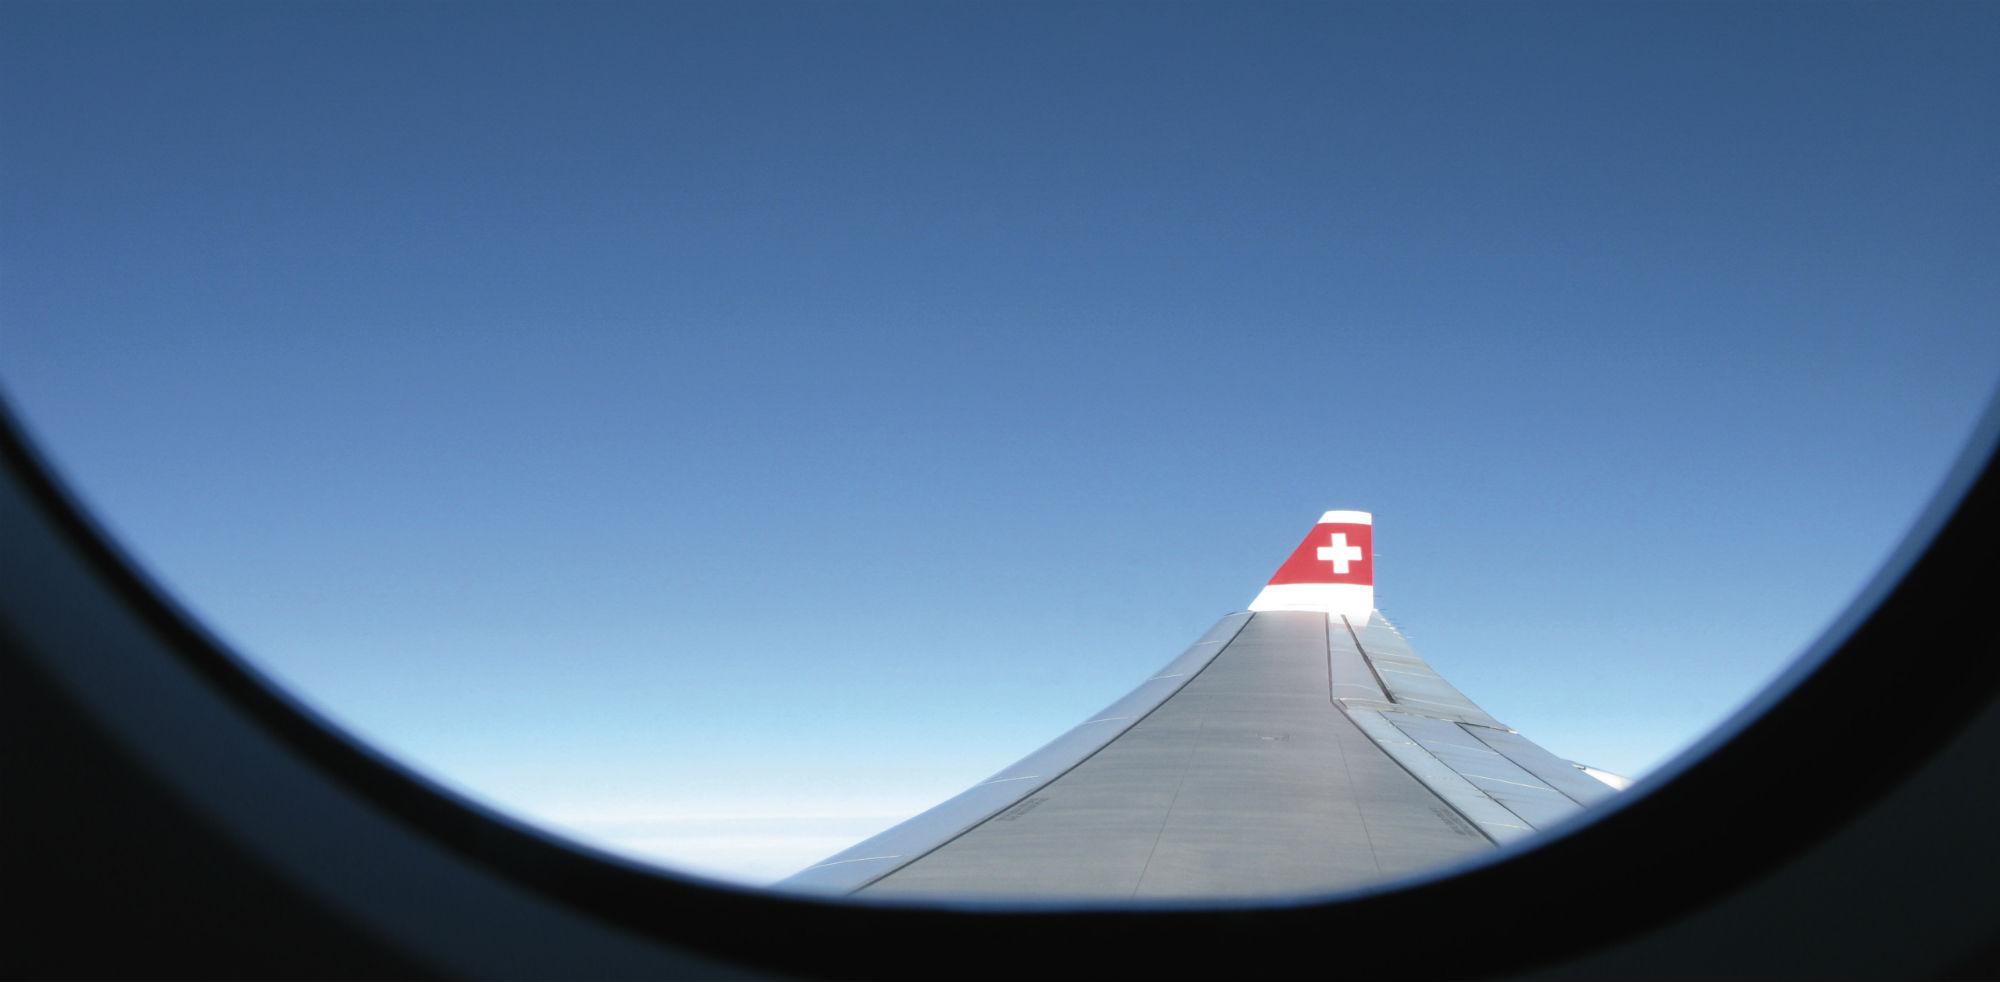 New York to Zurich Switzerland $533 RT Nonstop on Swiss International Air (travel Feb-March)